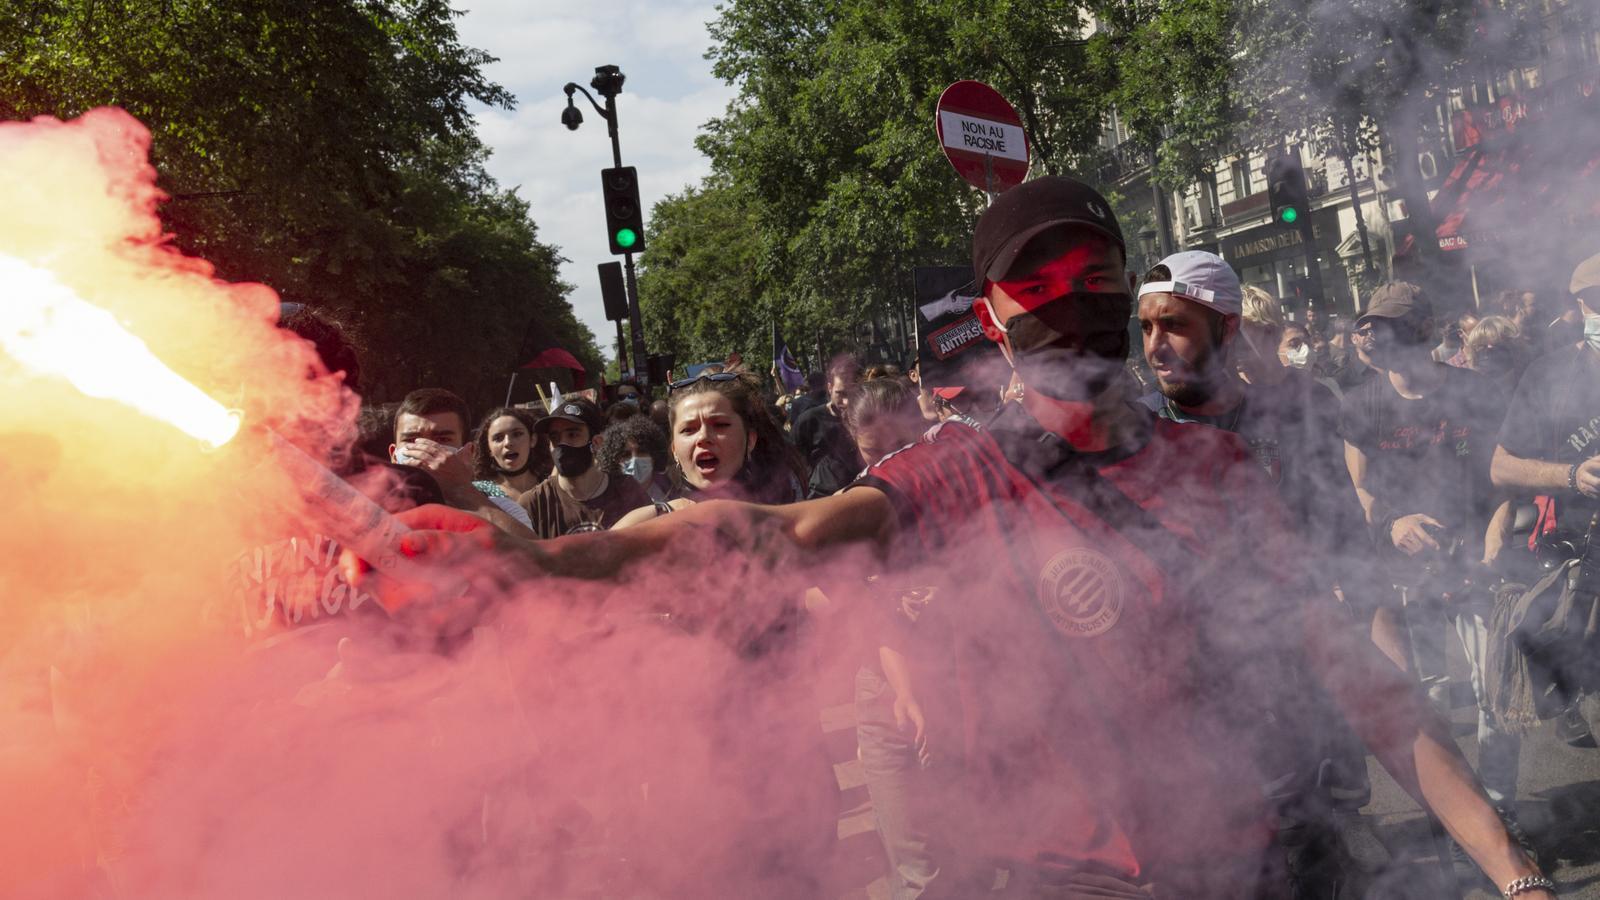 L'esquerra francesa surt al carrer contra la ultradreta i la deriva de Macron